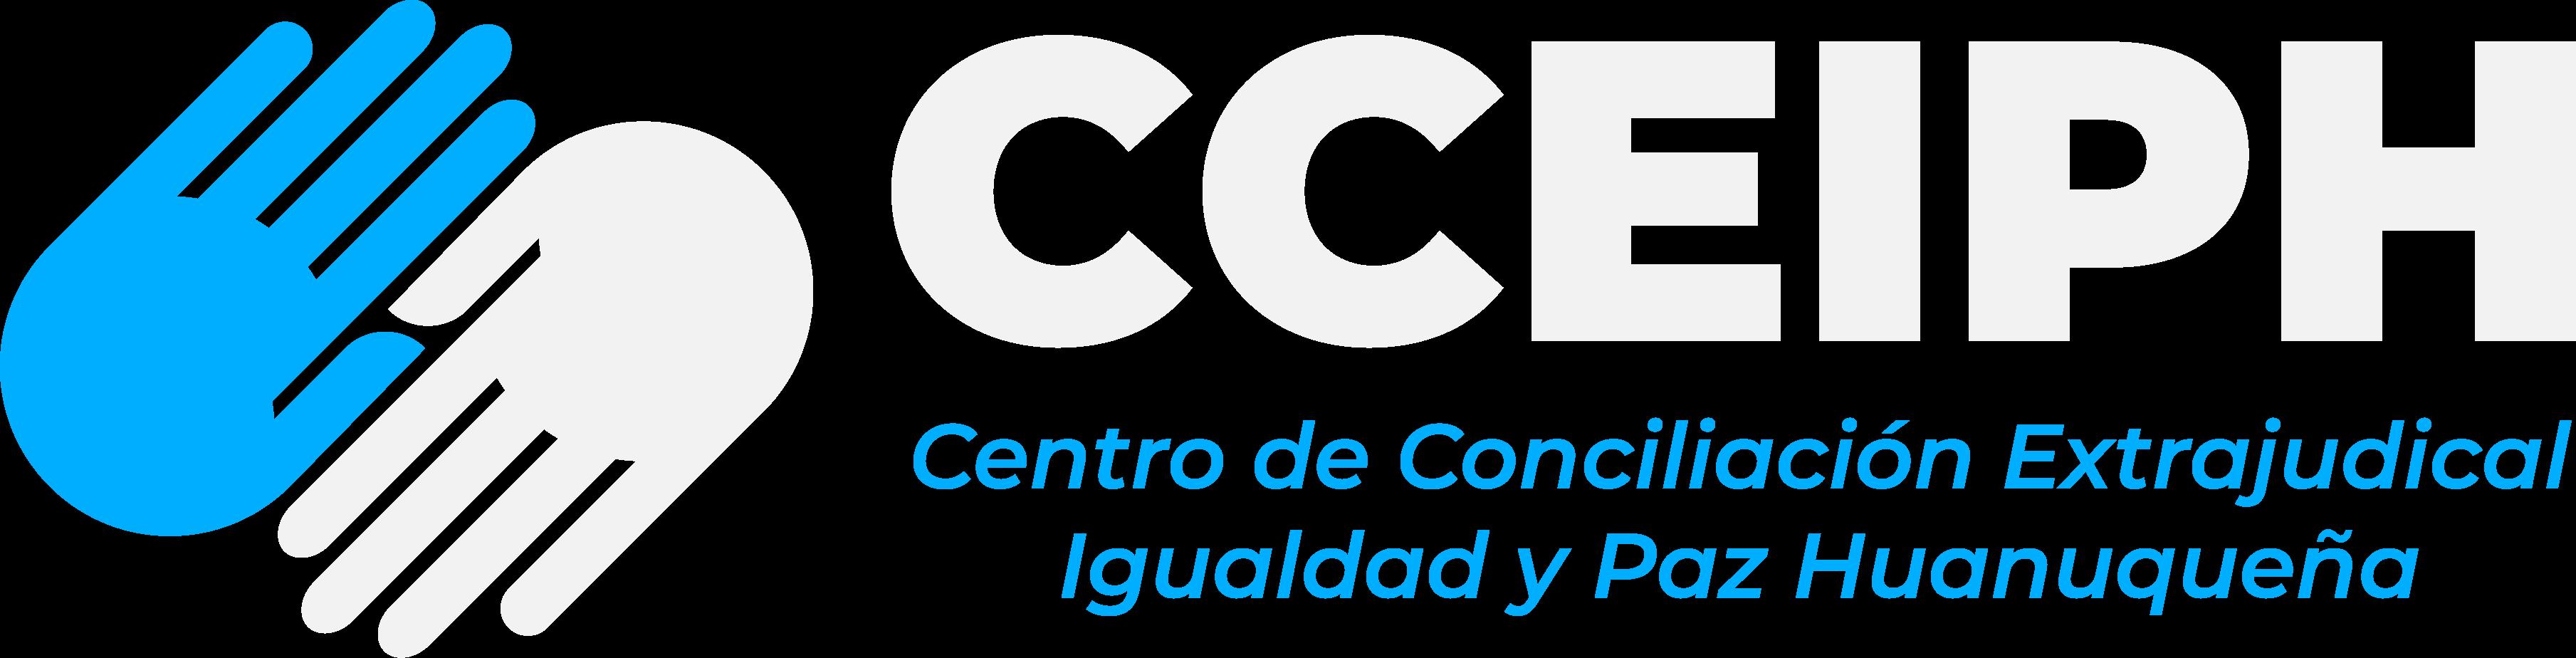 Centro de Conciliación Extrajudicial Igualdad y Paz Huanuqueña